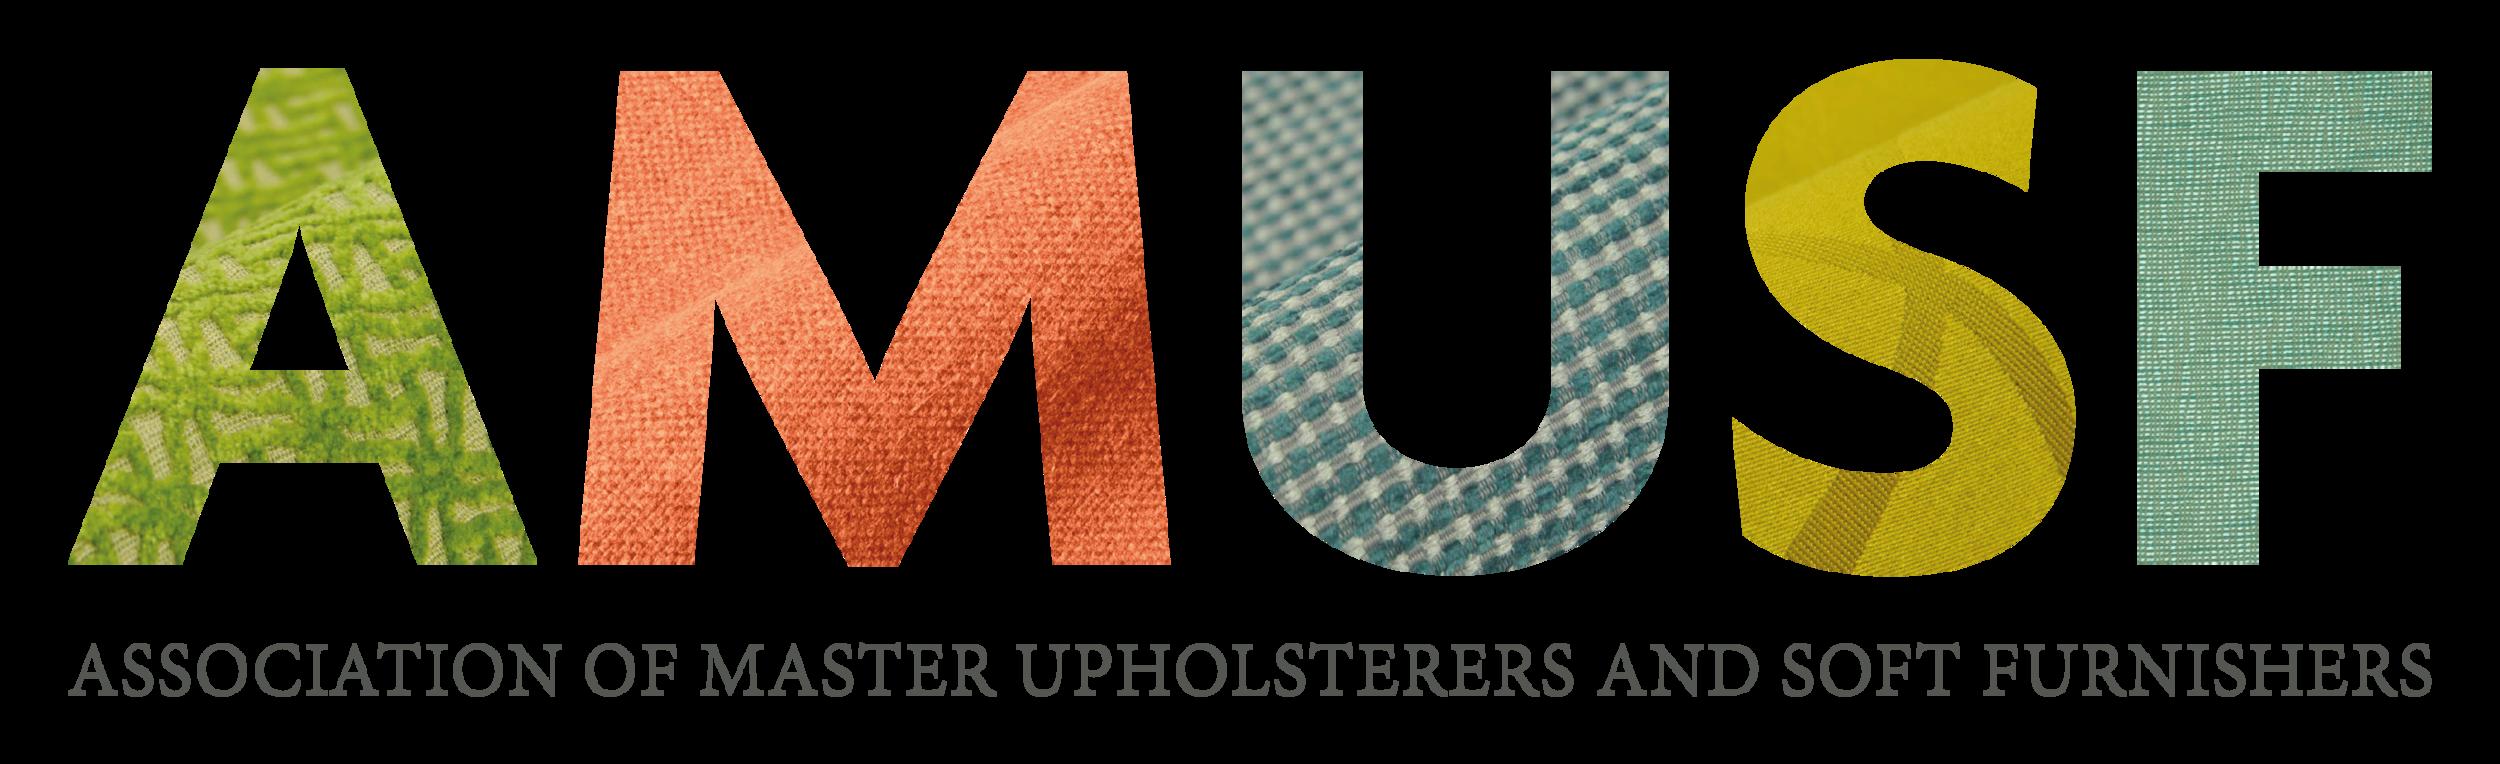 AMUSF-header-new-green-Nov.png